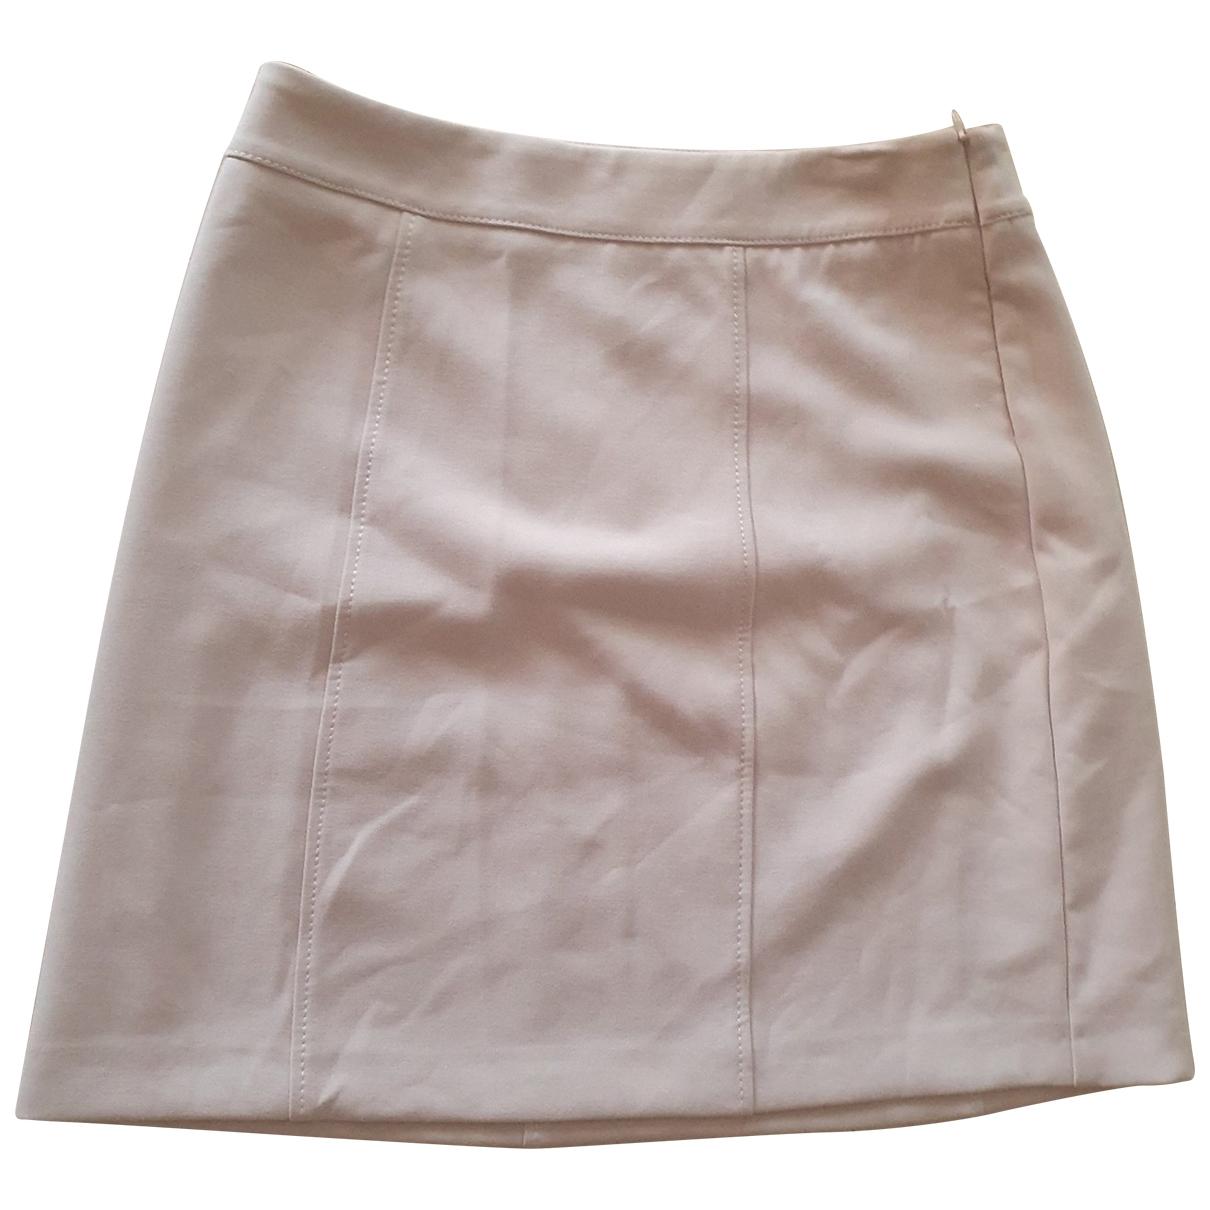 Marella \N Beige skirt for Women 42 IT